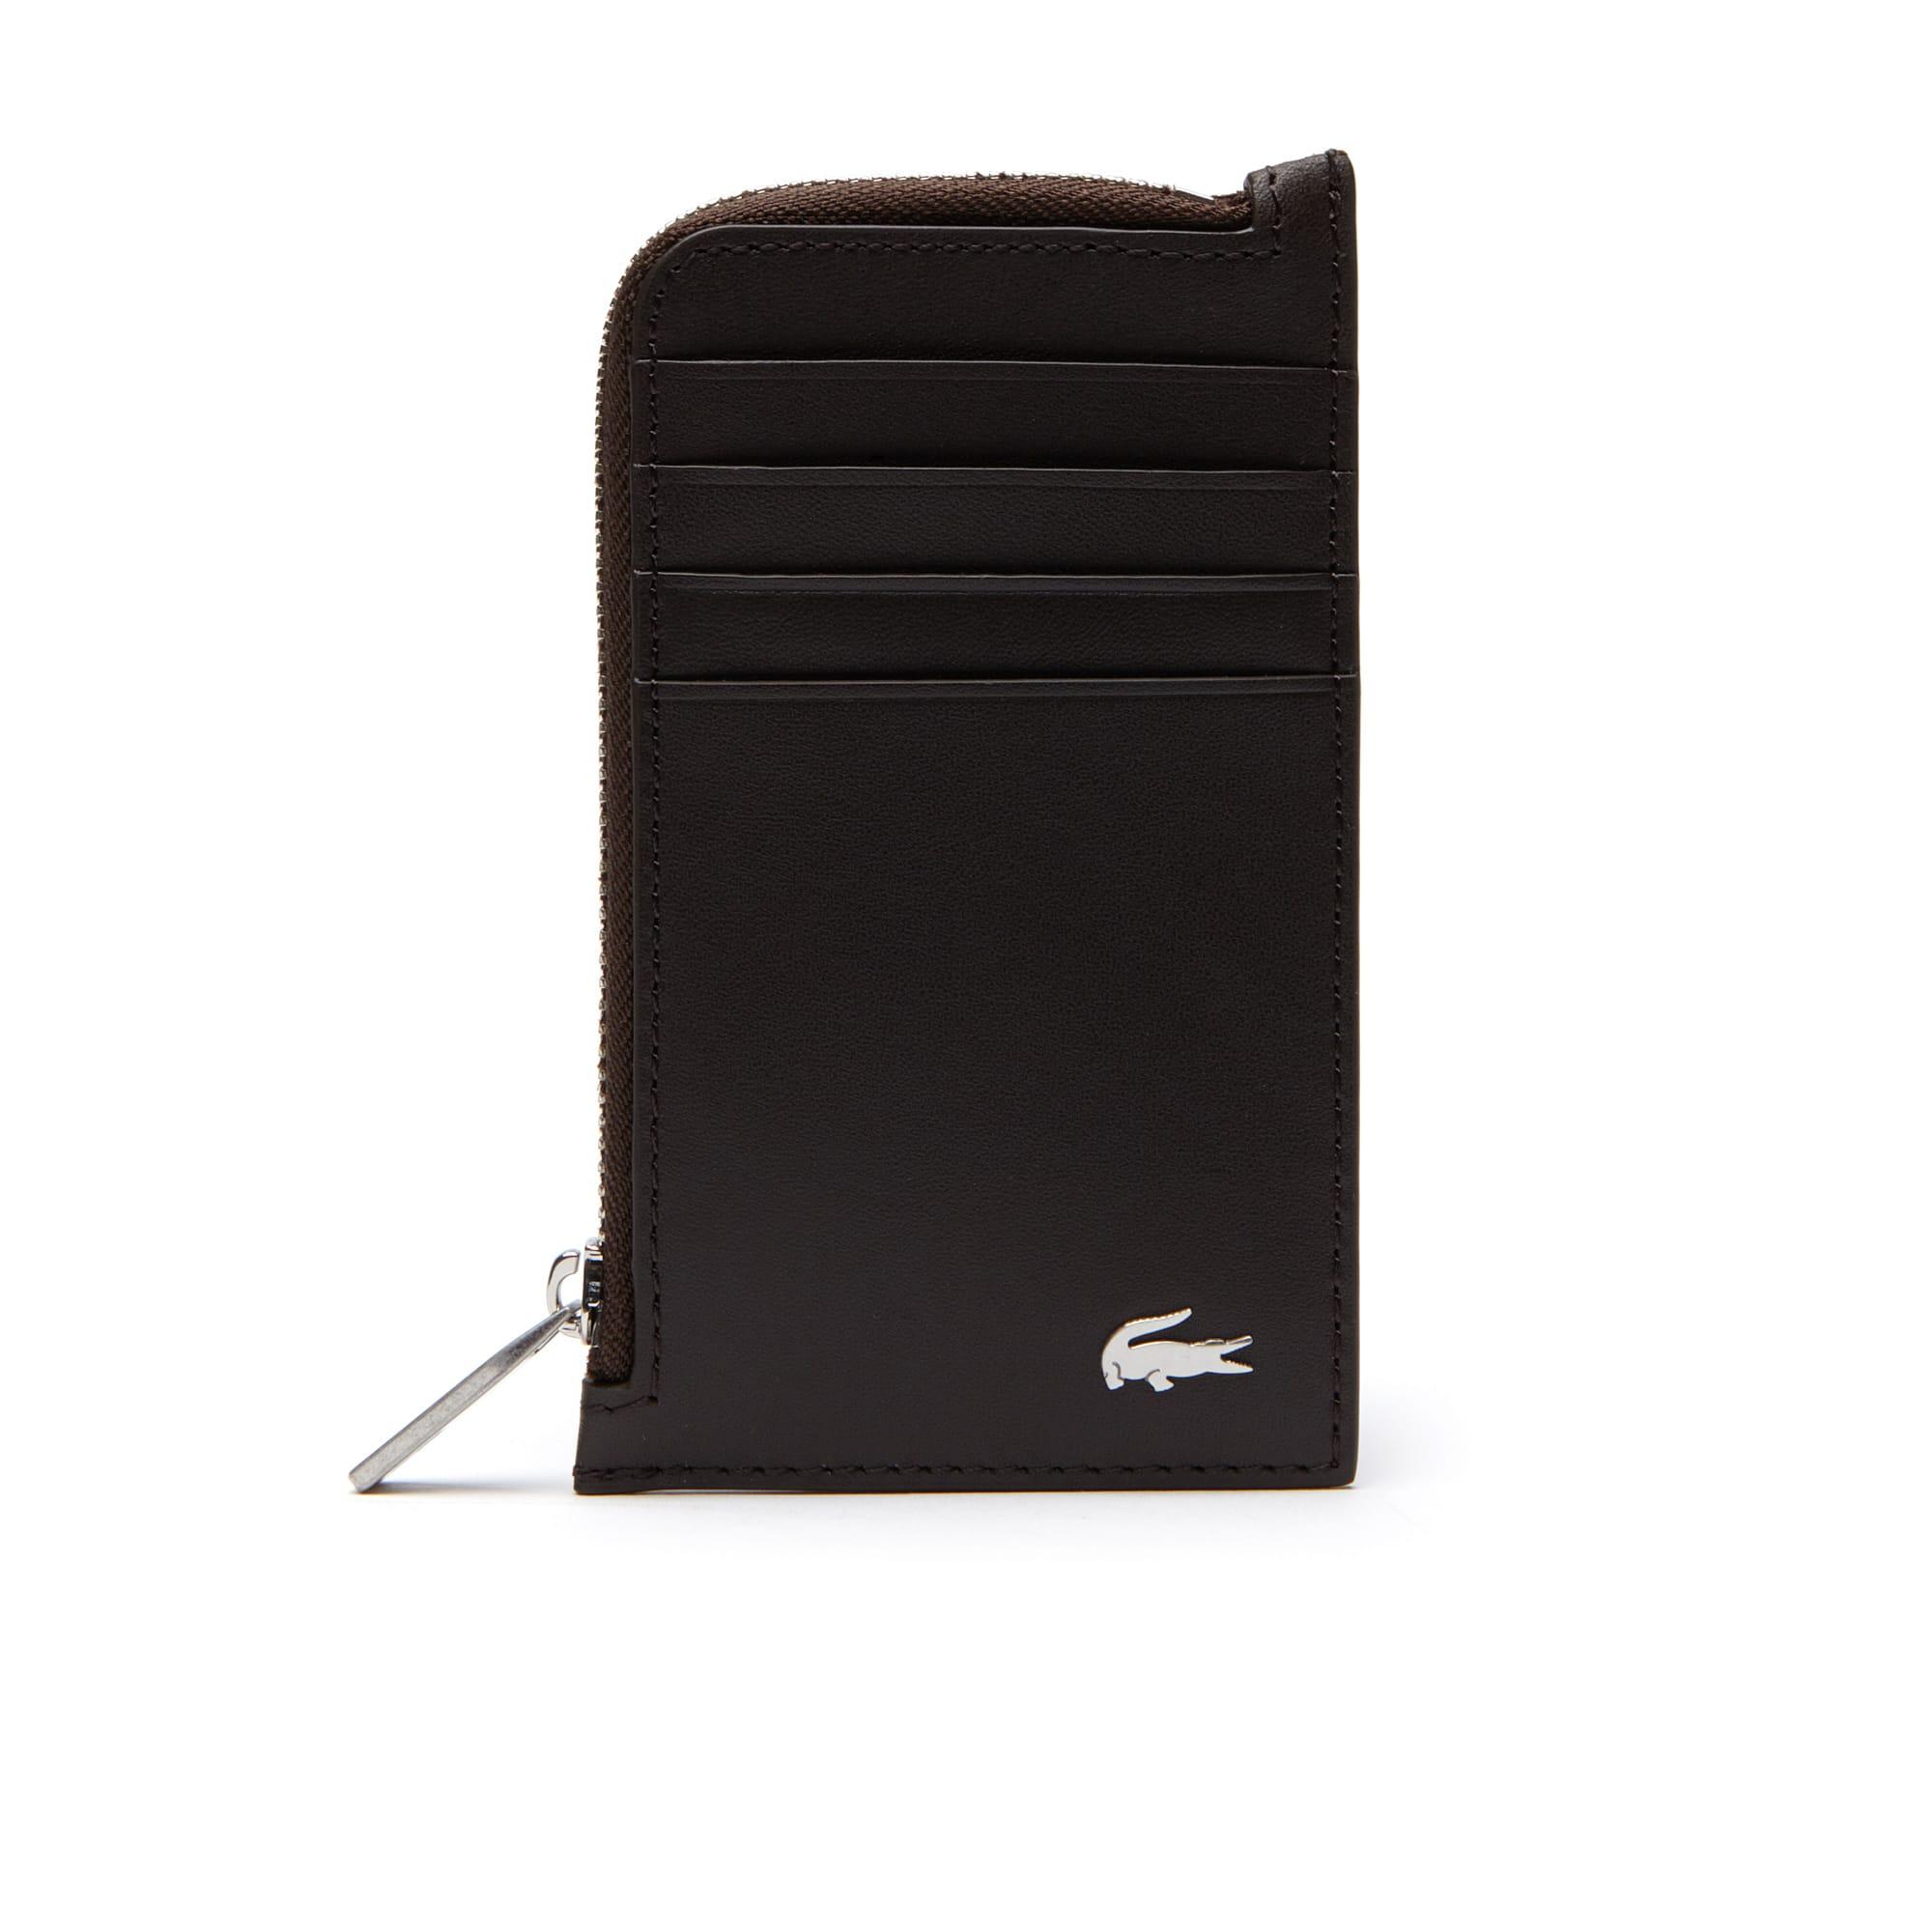 라코스테 카드 지갑 Lacoste Mens Fitzgerald Leather Zip Card Holder,dark brown